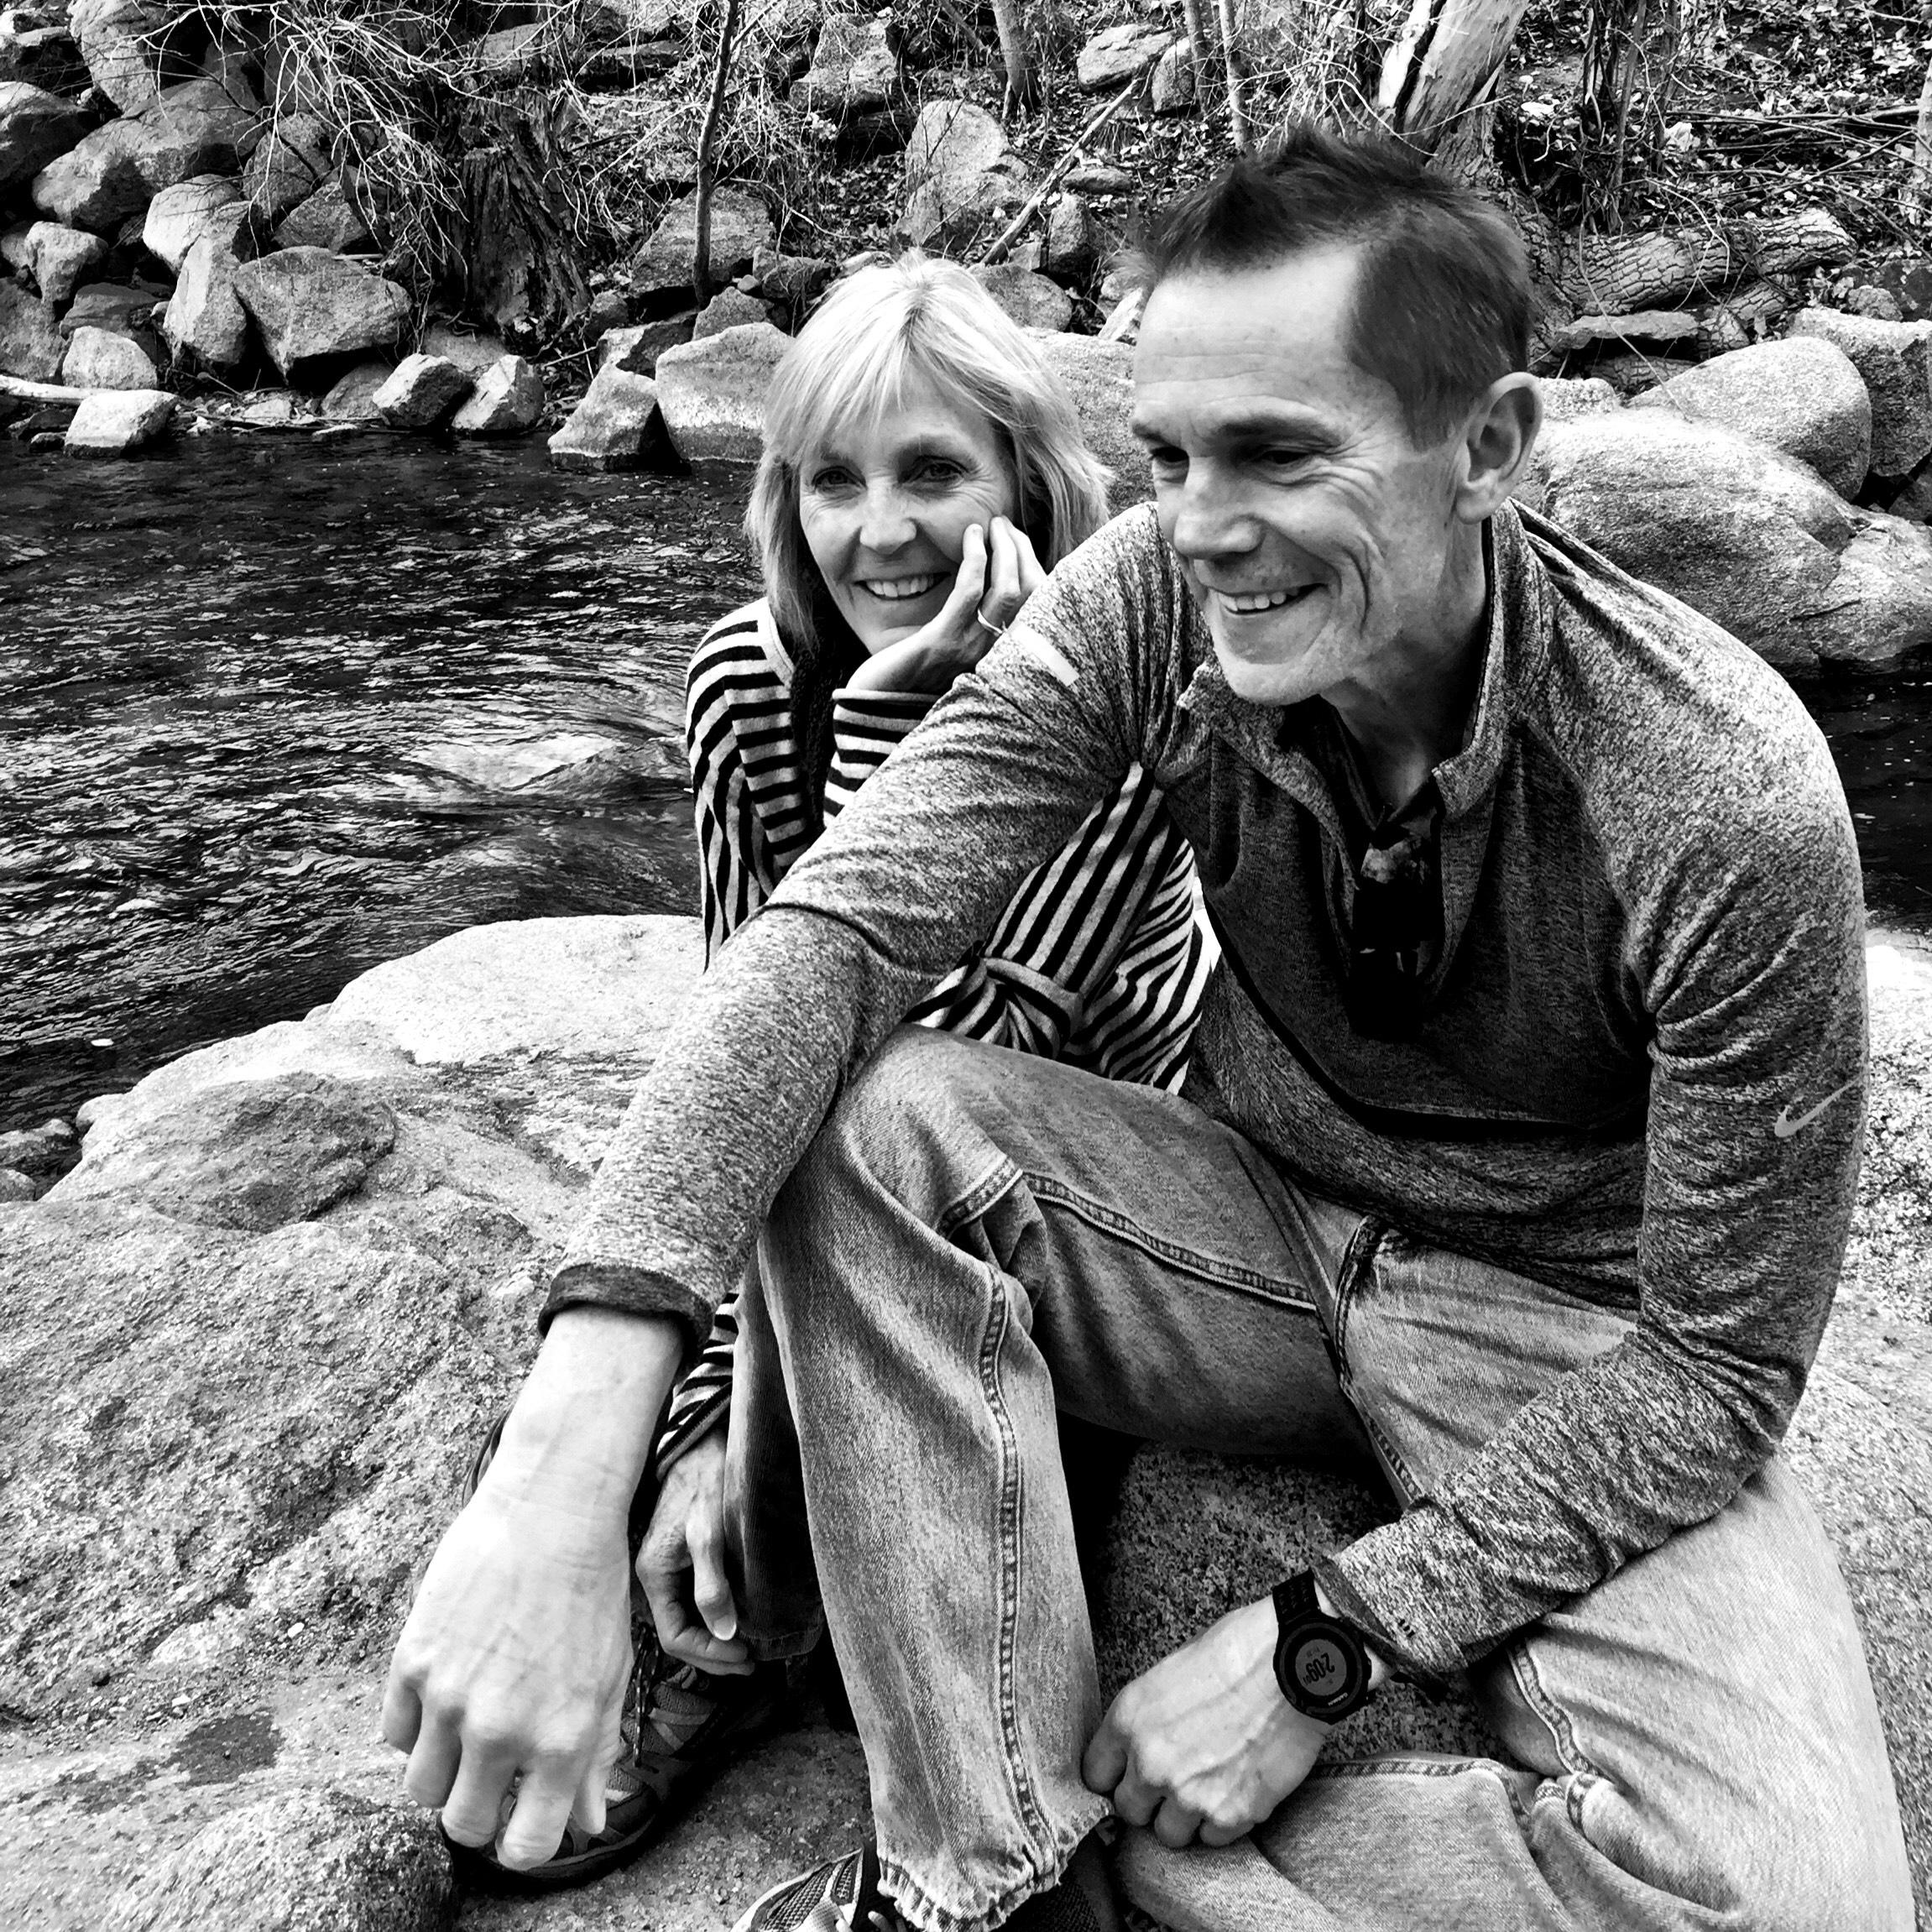 Doug and me at Boulder Creek c. 2016